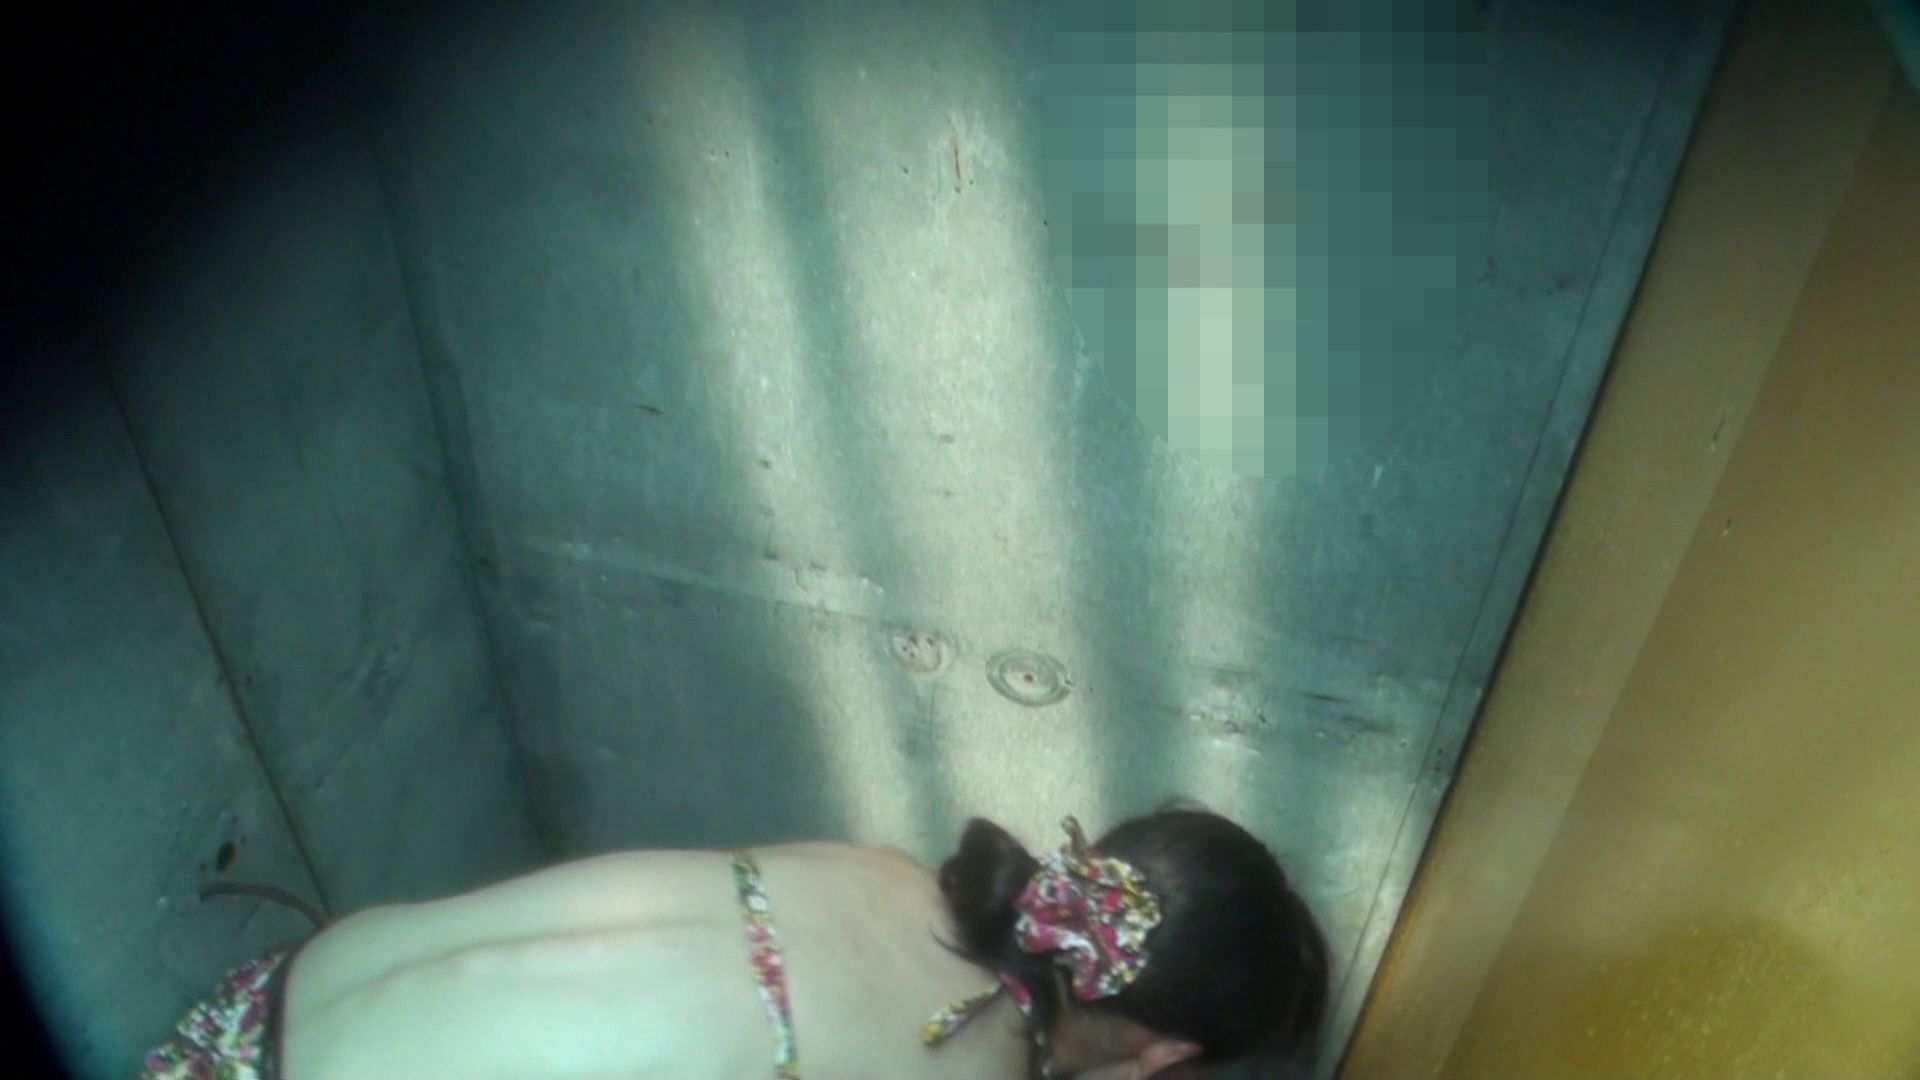 シャワールームは超!!危険な香りVol.16 意外に乳首は年増のそれ 乳首 | OLの実態  61pic 9